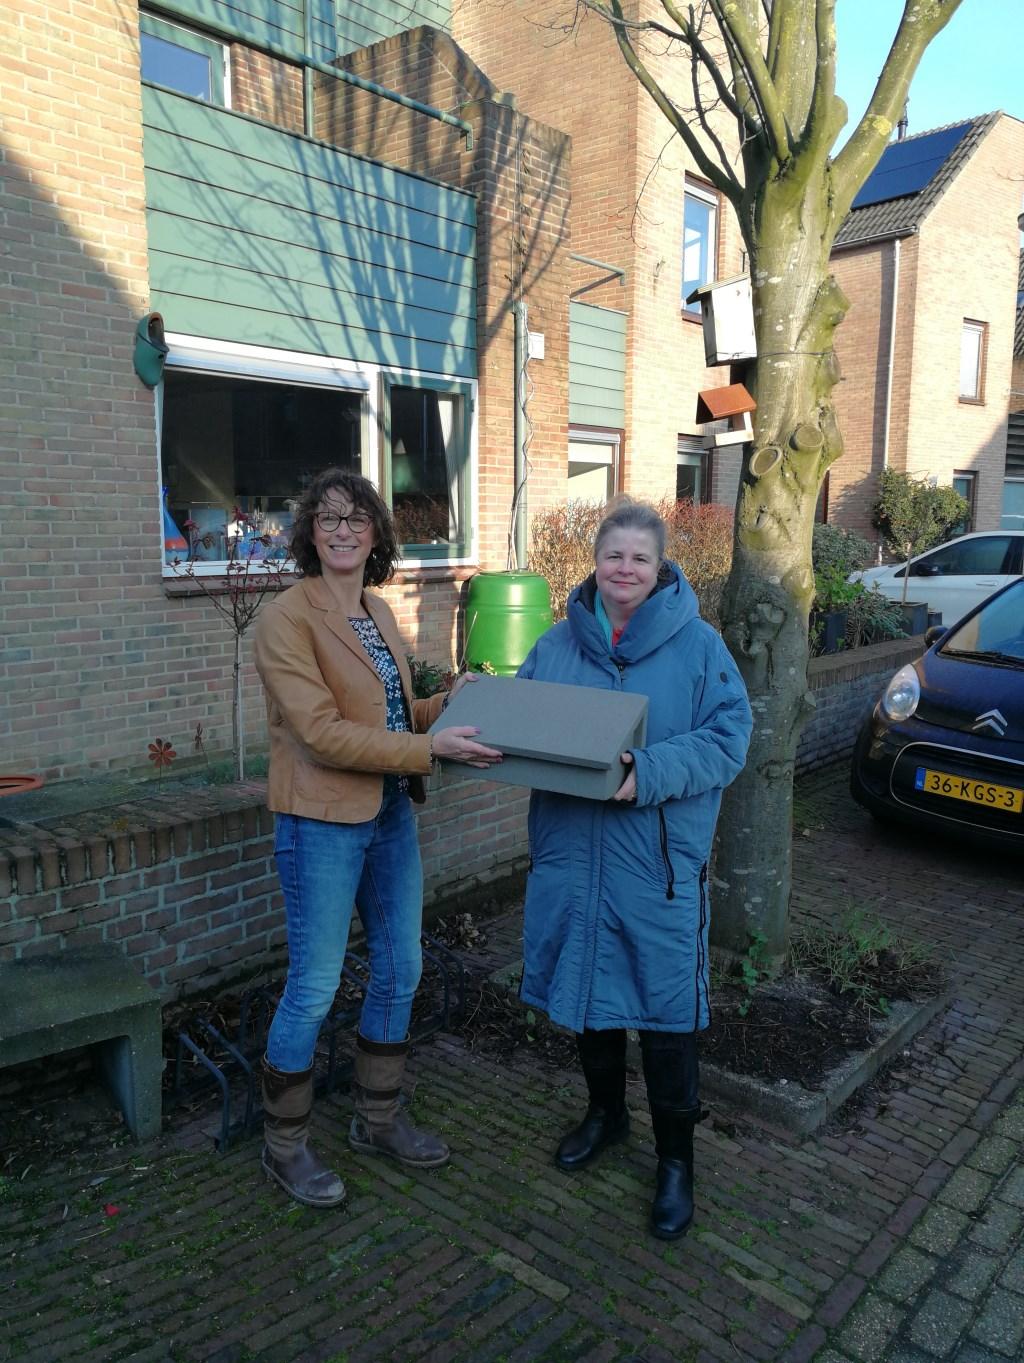 • De eerste gierzwaluwkast wordt overhandigd aan enthousiaste bewoners van de Molenwijk, Lonneke Klein-de Raadt, door Ellen Veth.